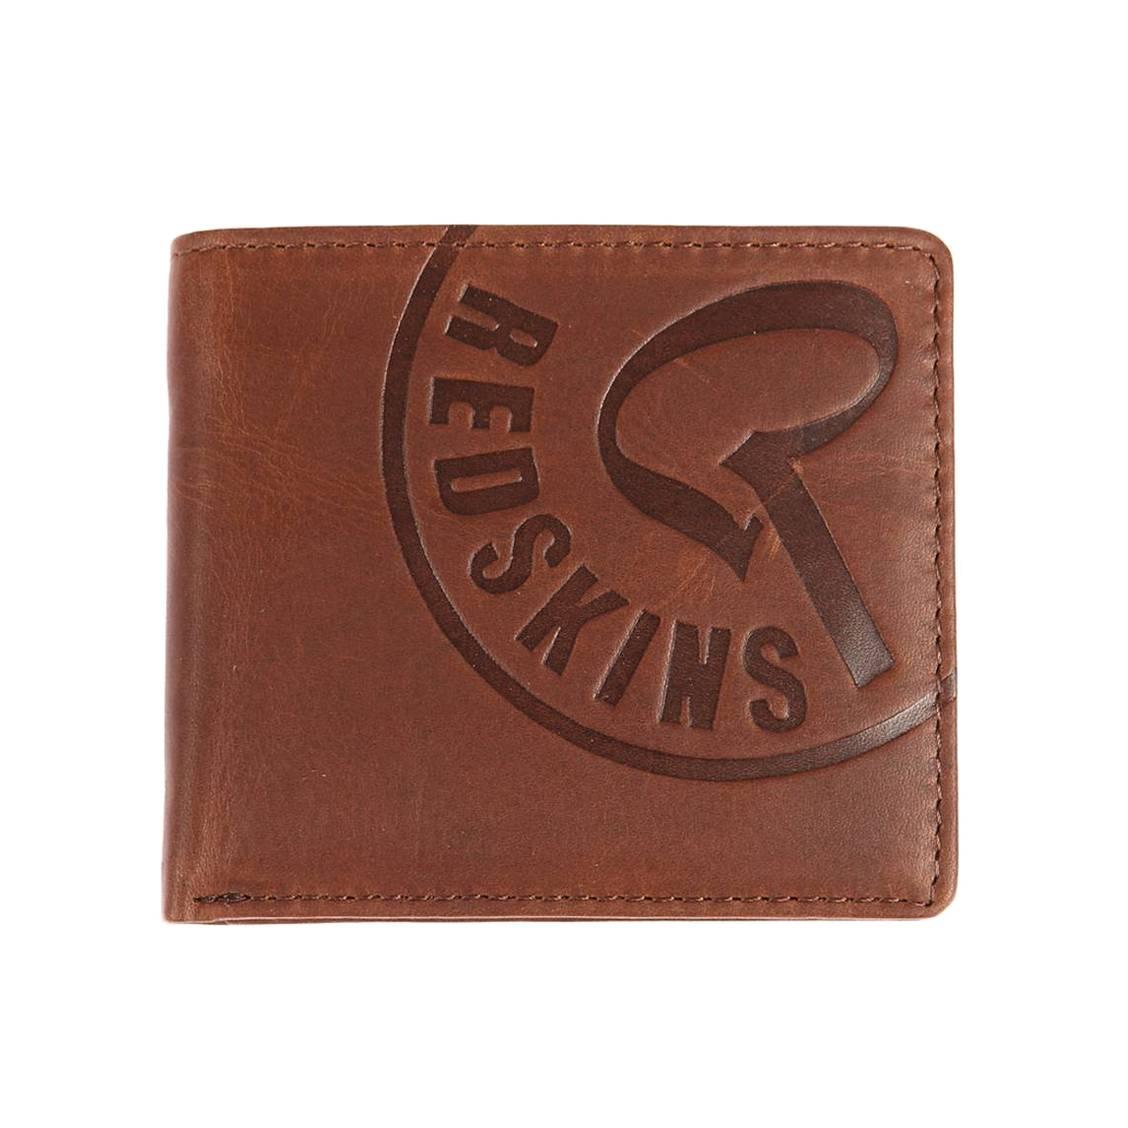 Portefeuille italien 2 volets redskins en cuir chocolat gravé